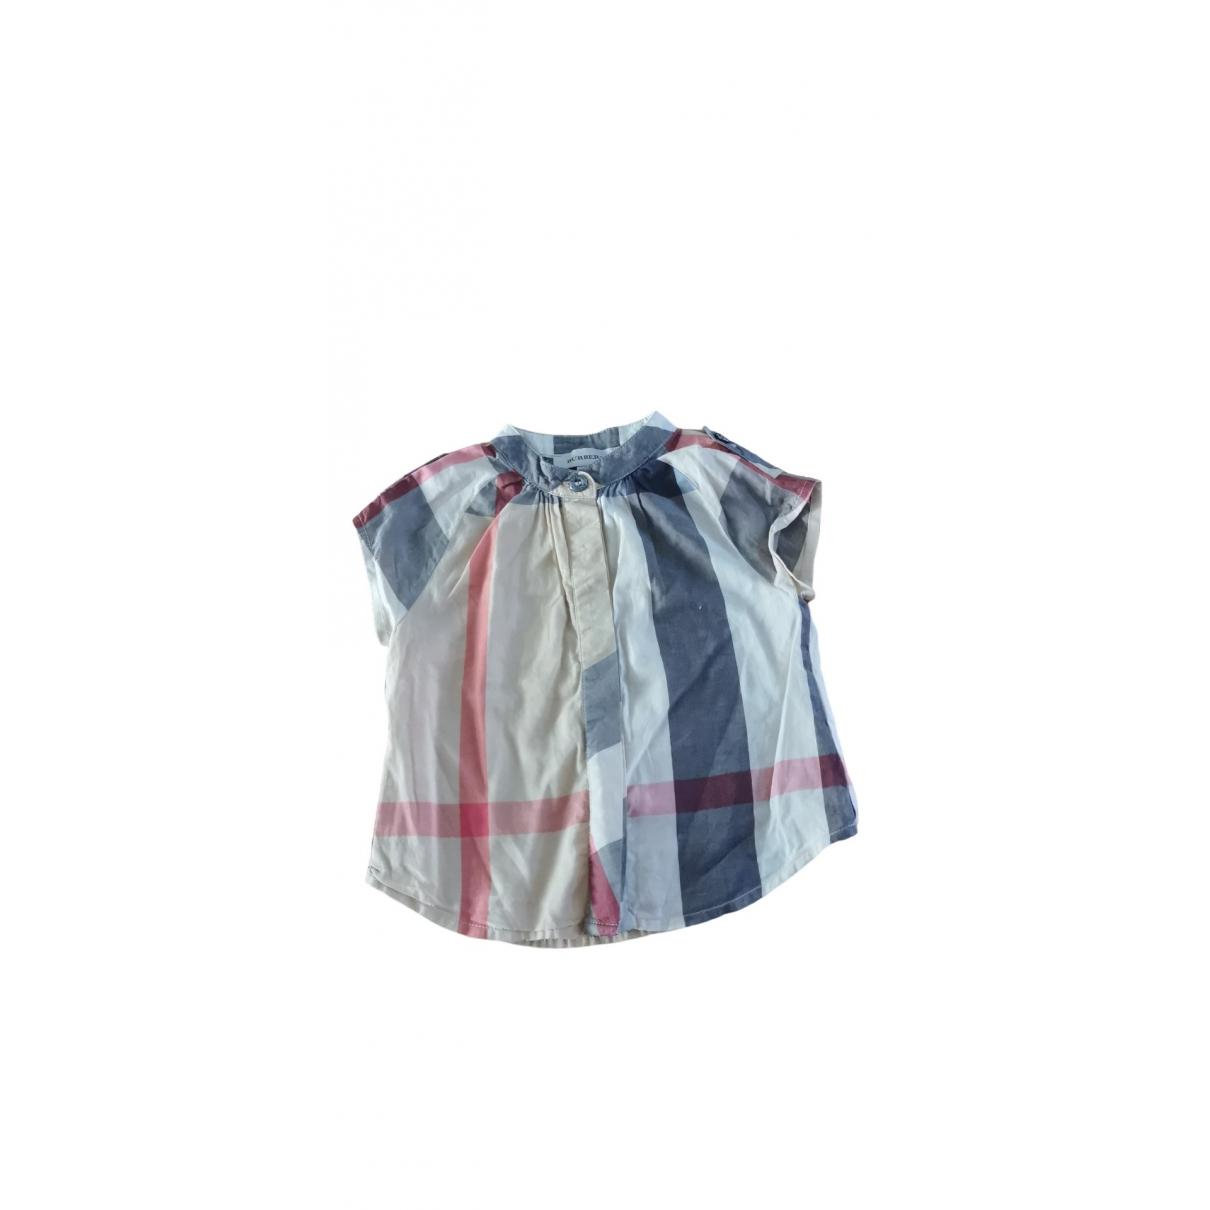 Burberry - Top   pour enfant en coton - multicolore